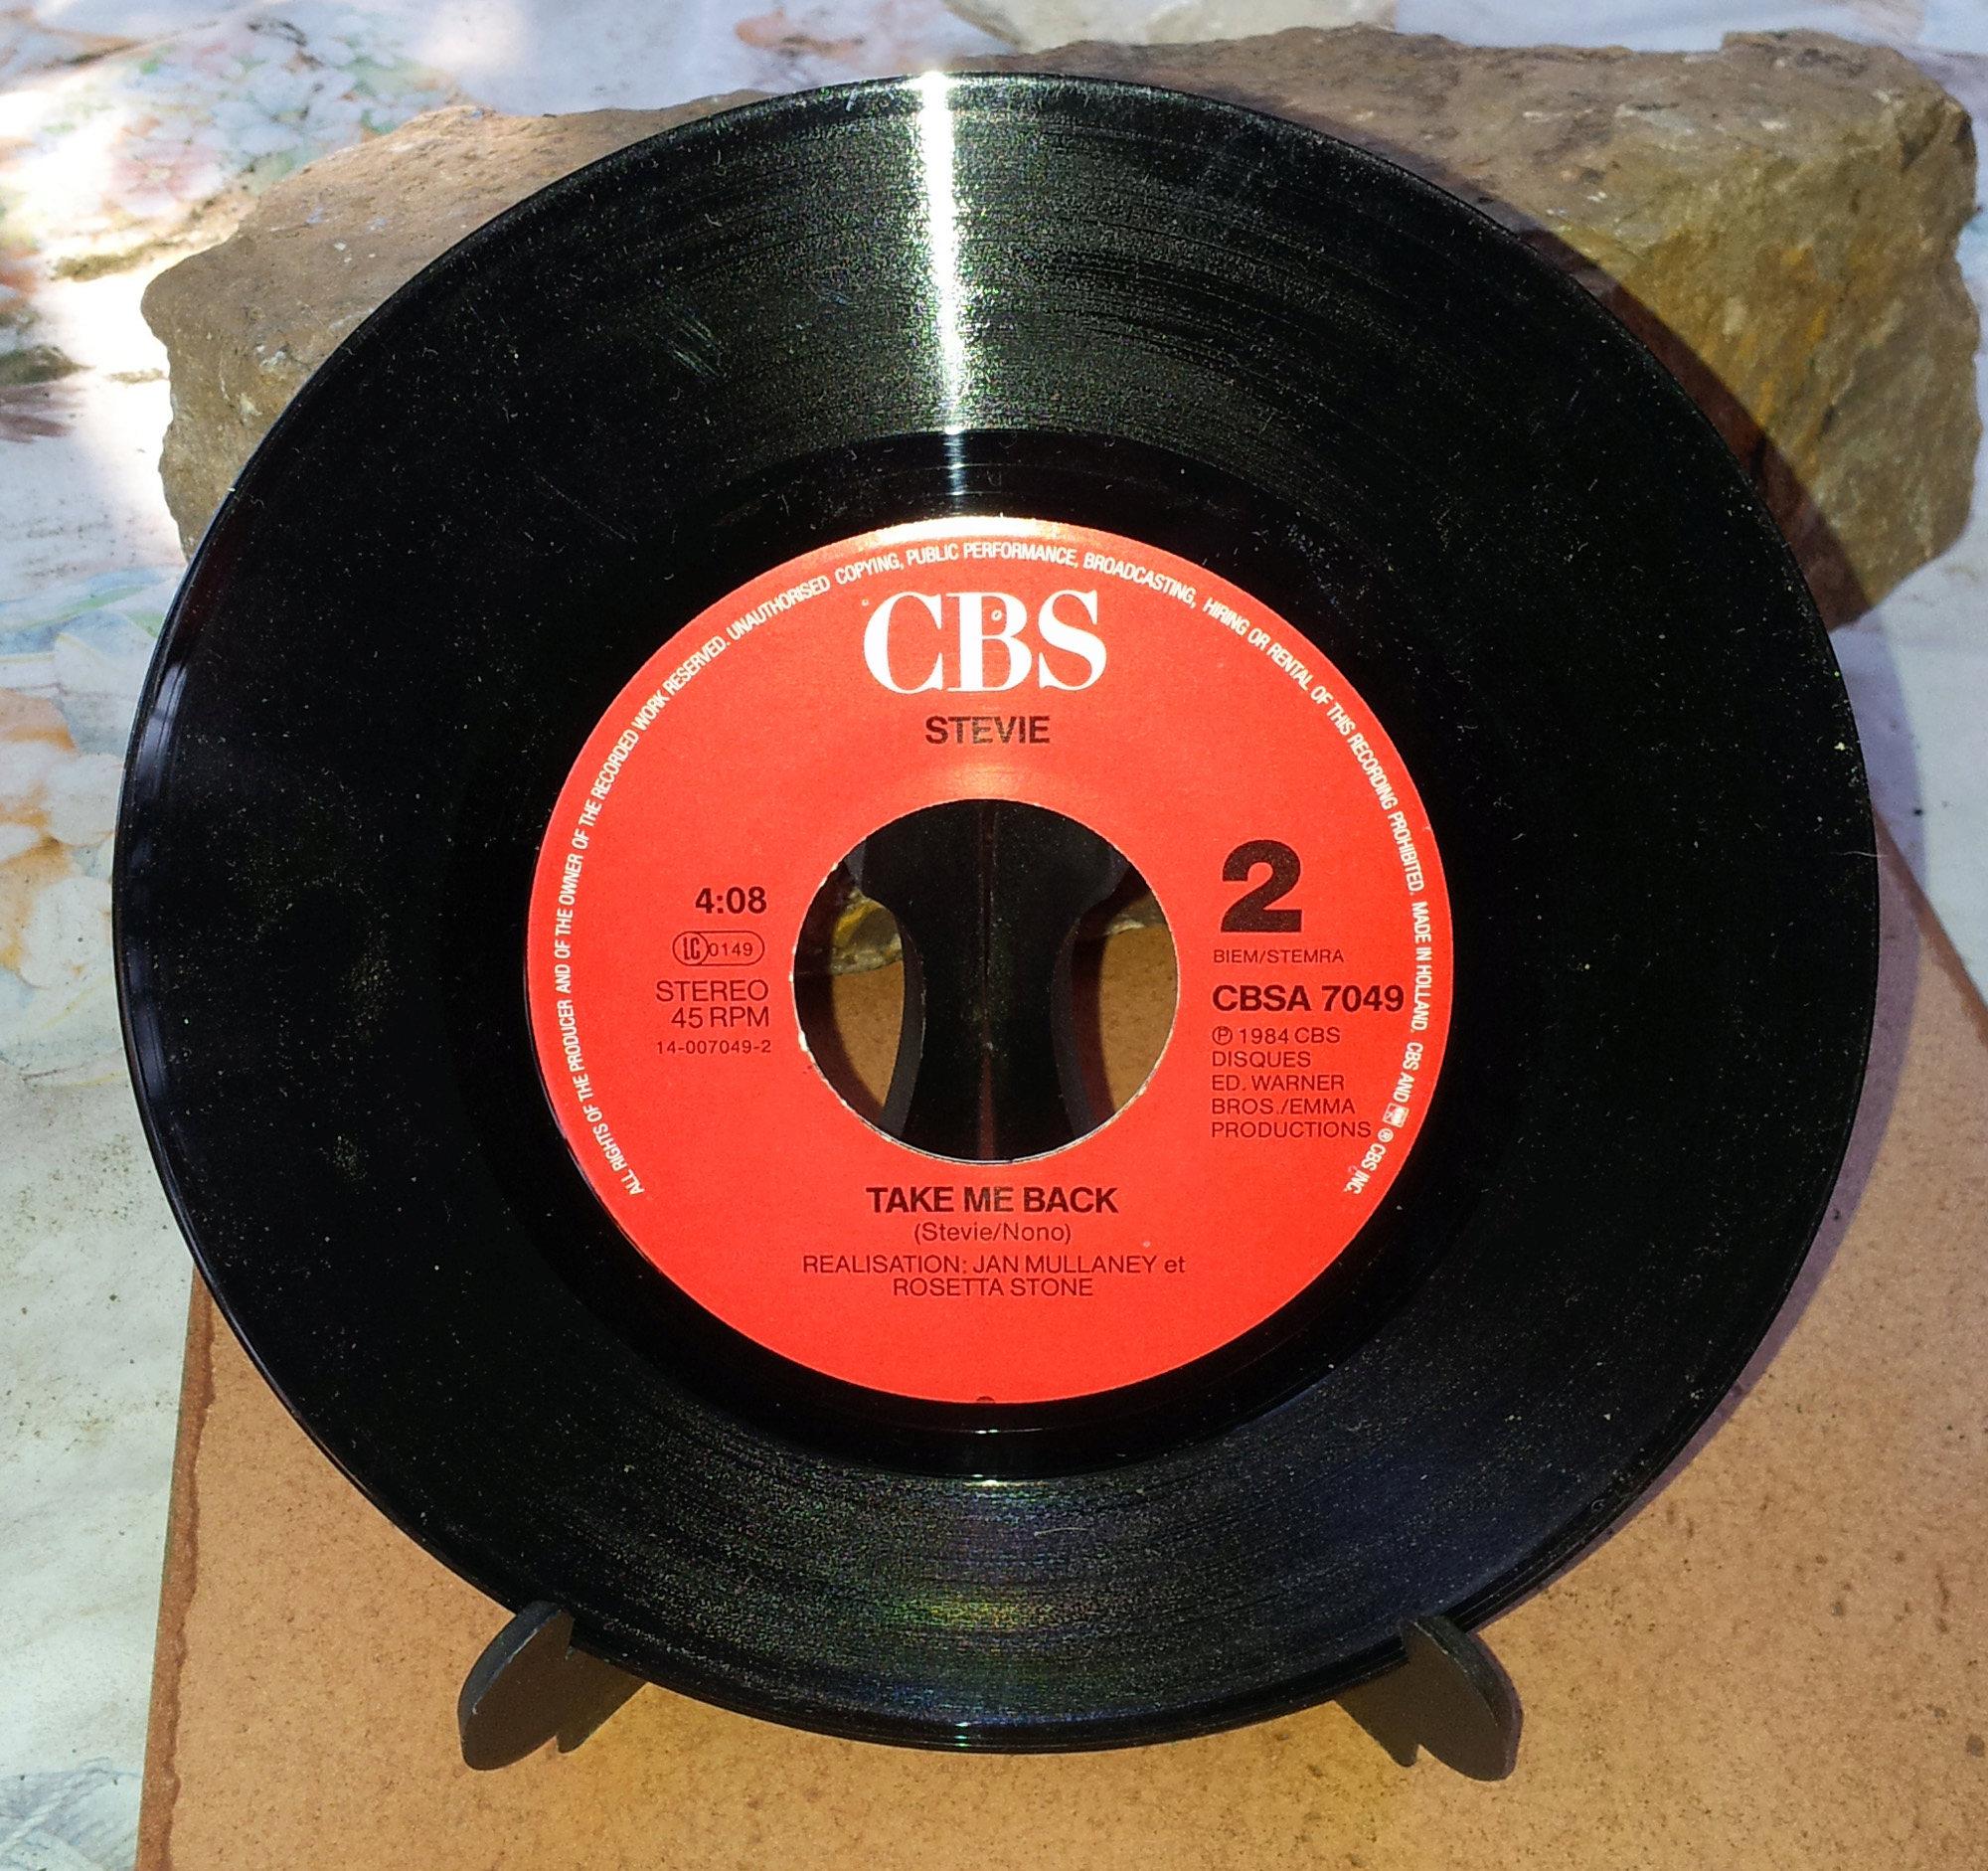 STEVIE Coeur en guenilles (1986) 45 tours - le vinyle vu de plus près ...  Stevie13